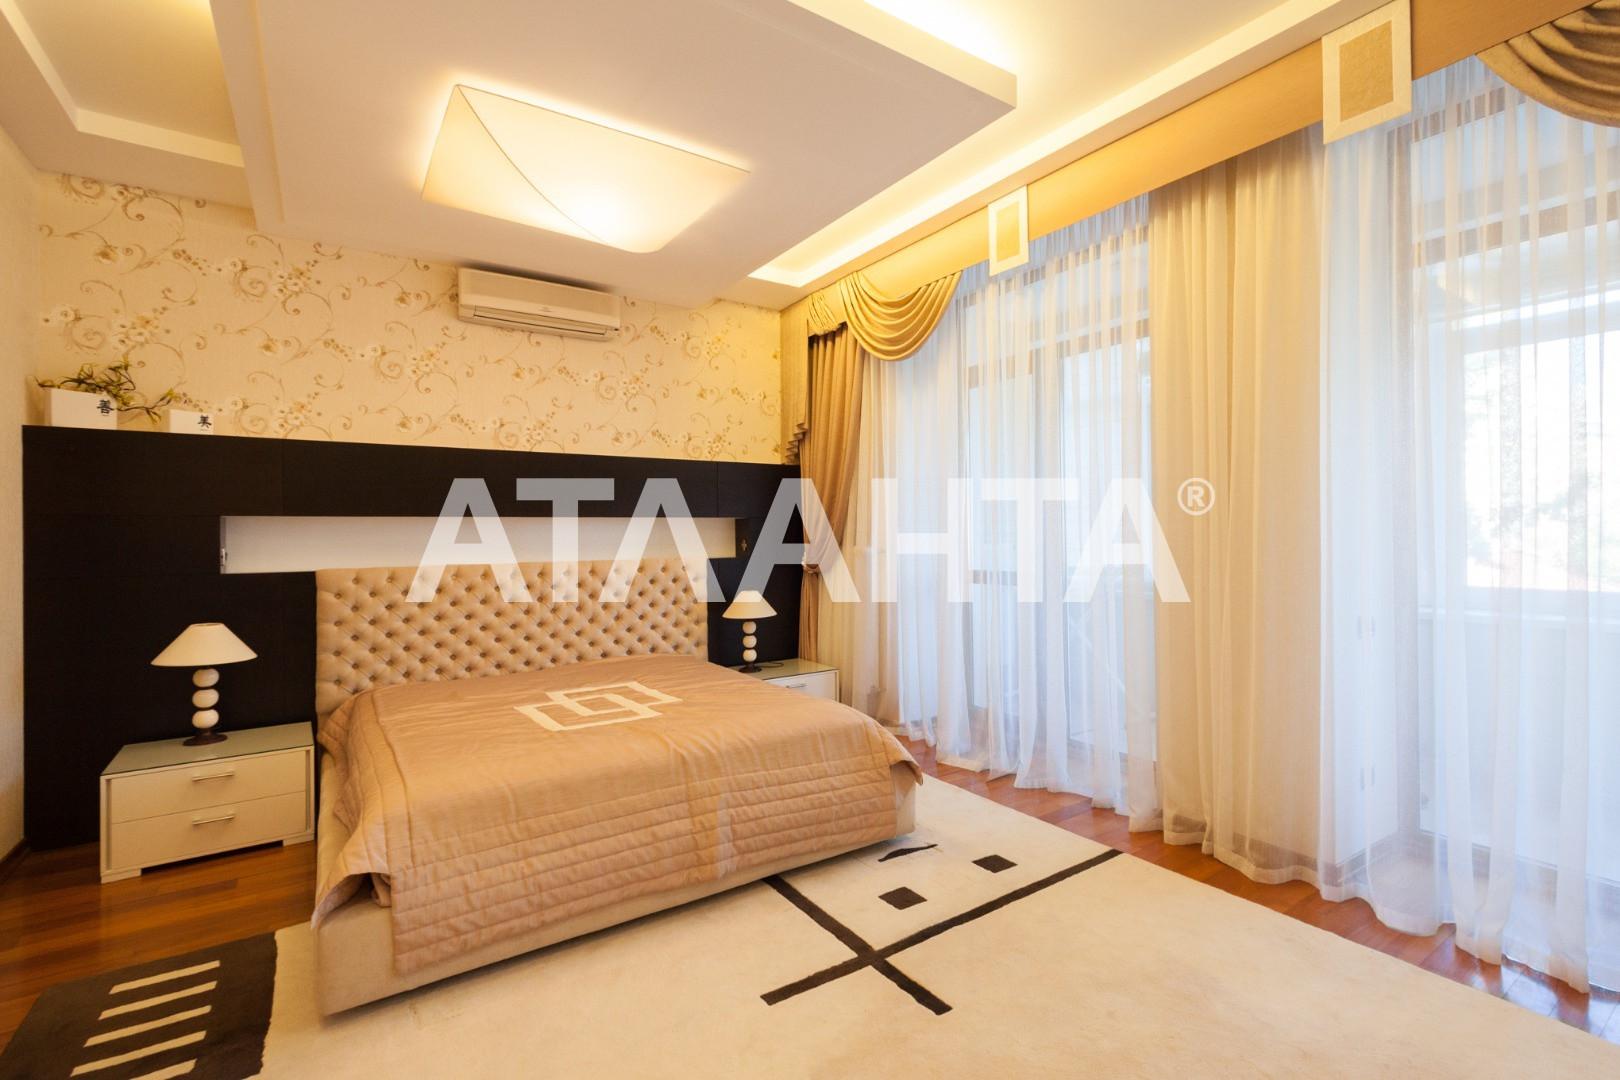 Продается 3-комнатная Квартира на ул. Педагогический Пер. — 195 000 у.е. (фото №7)